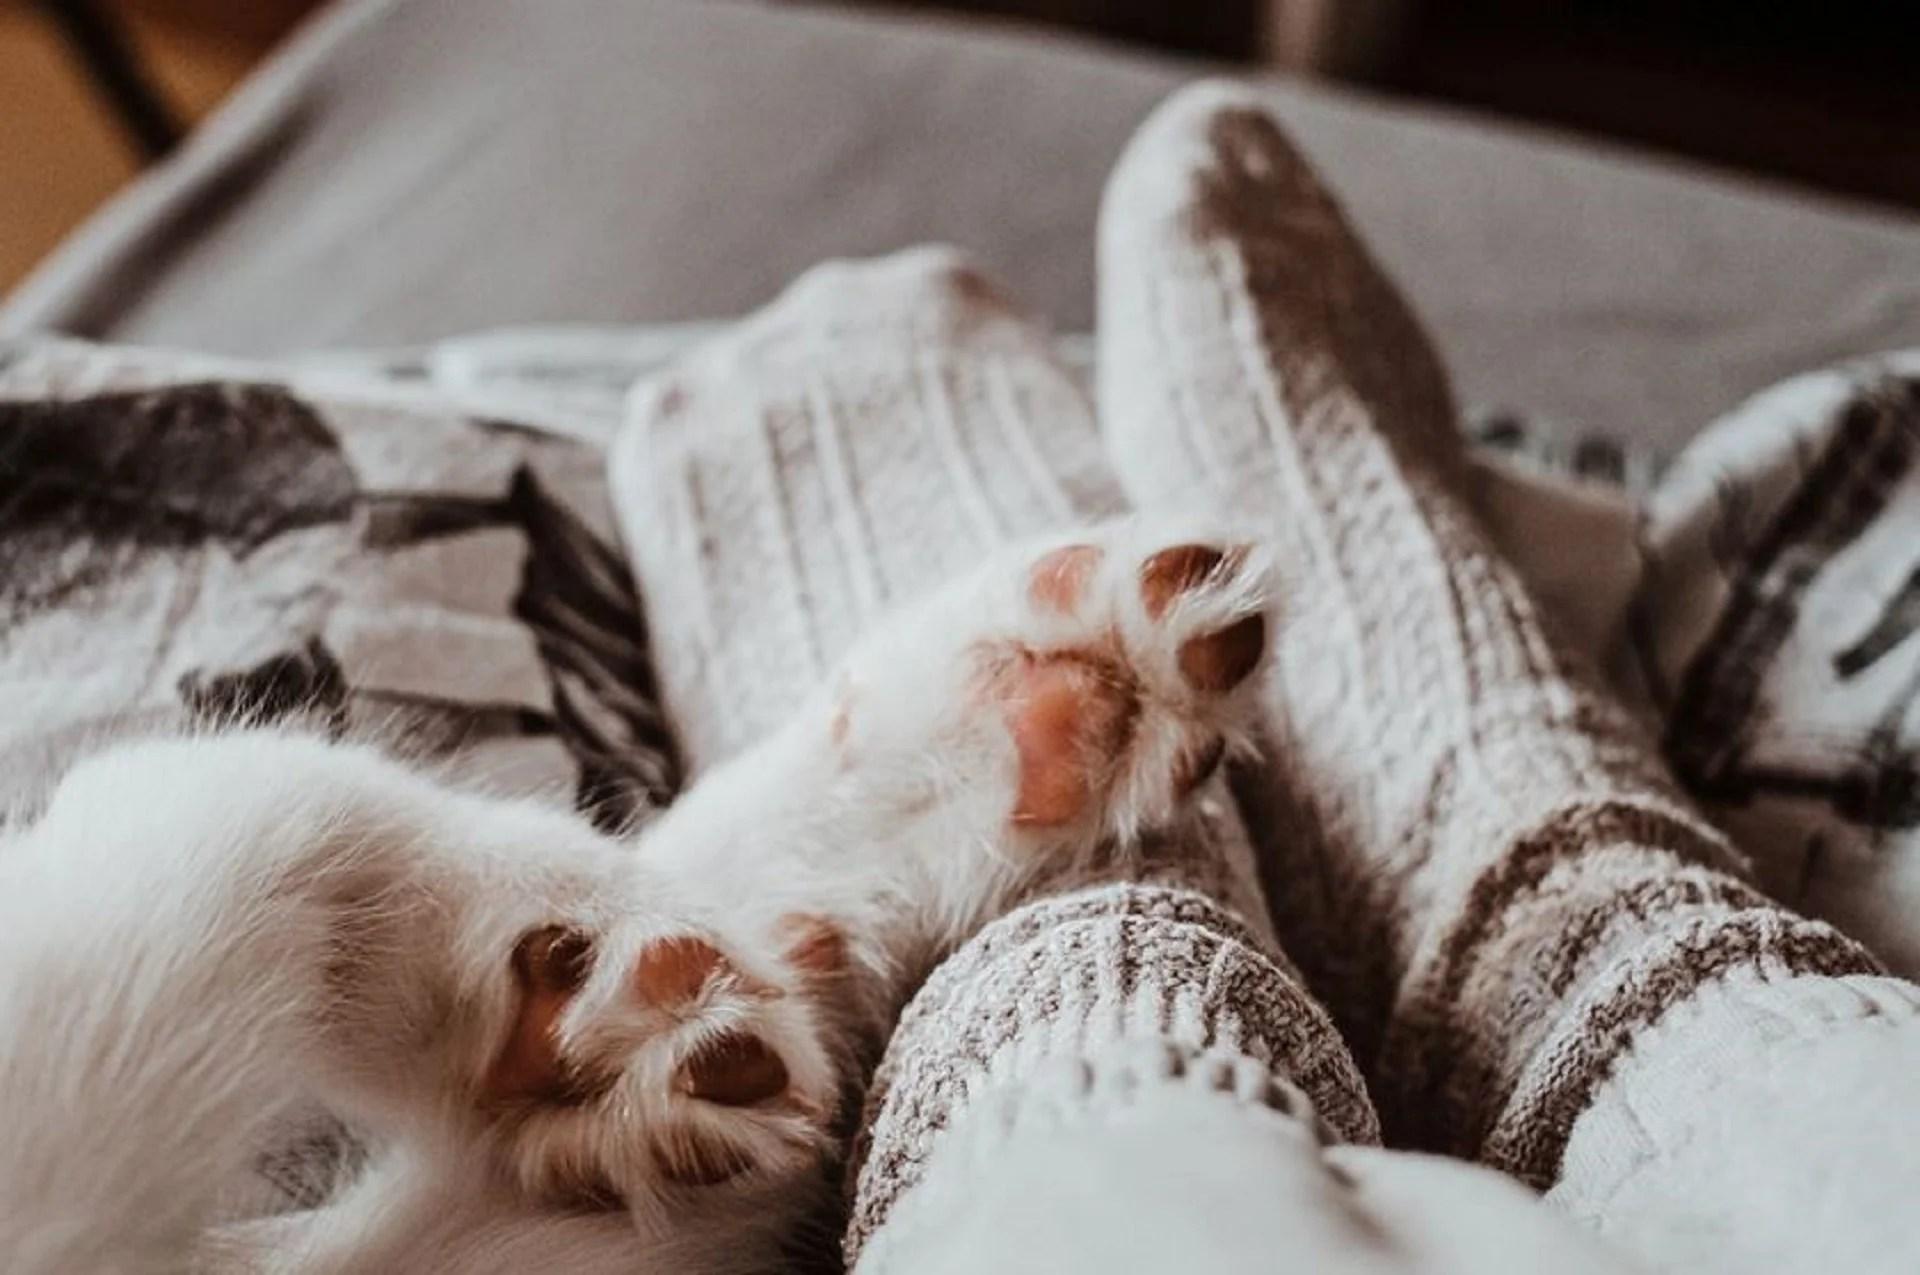 chaussettes chaudes : mi-bas épais ou socquette fine, que choisir ?